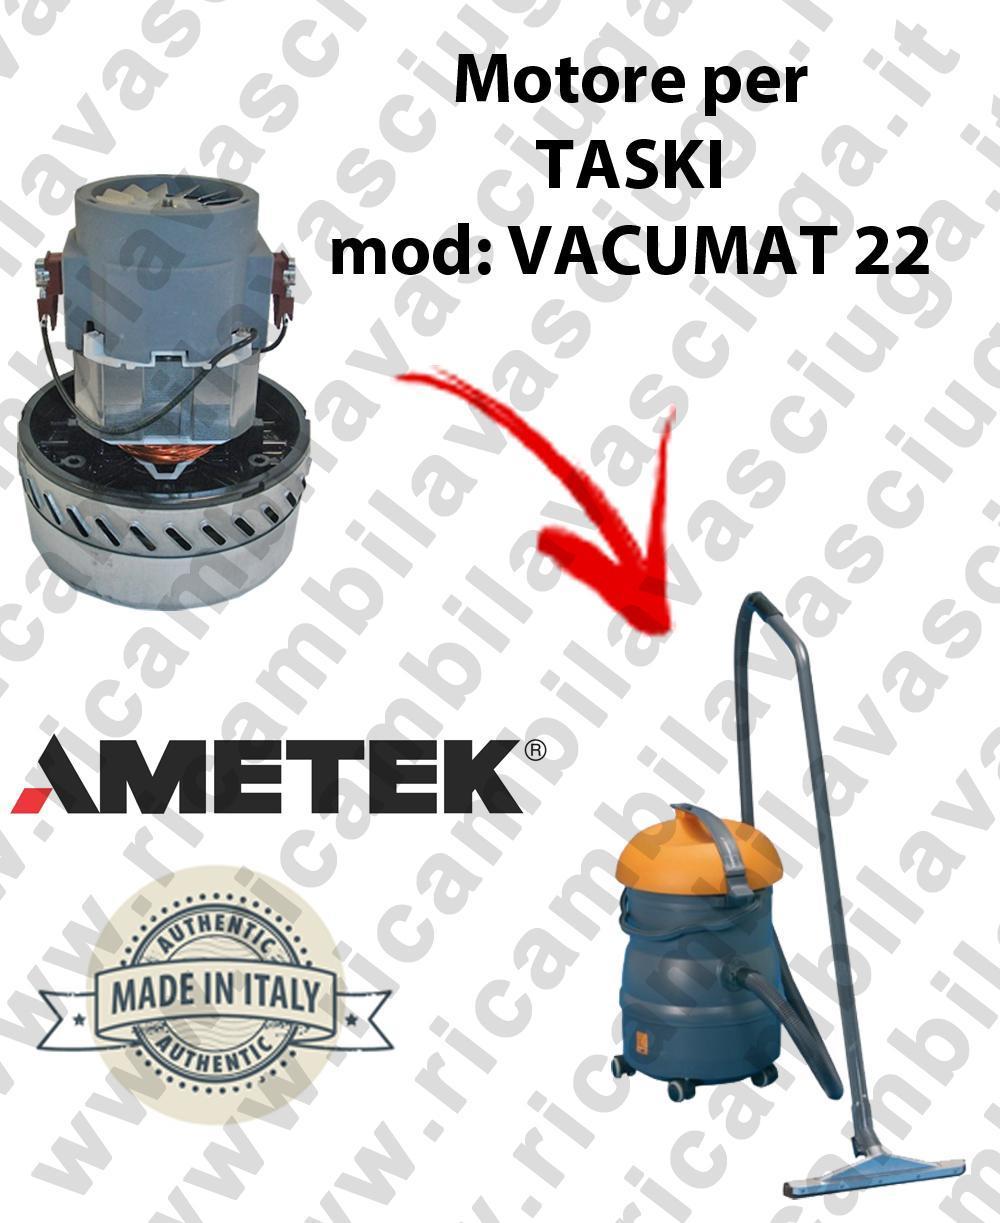 VACUMAT 22 MOTEUR AMETEK aspiration pour aspirateur et aspirateur à eau TASKI